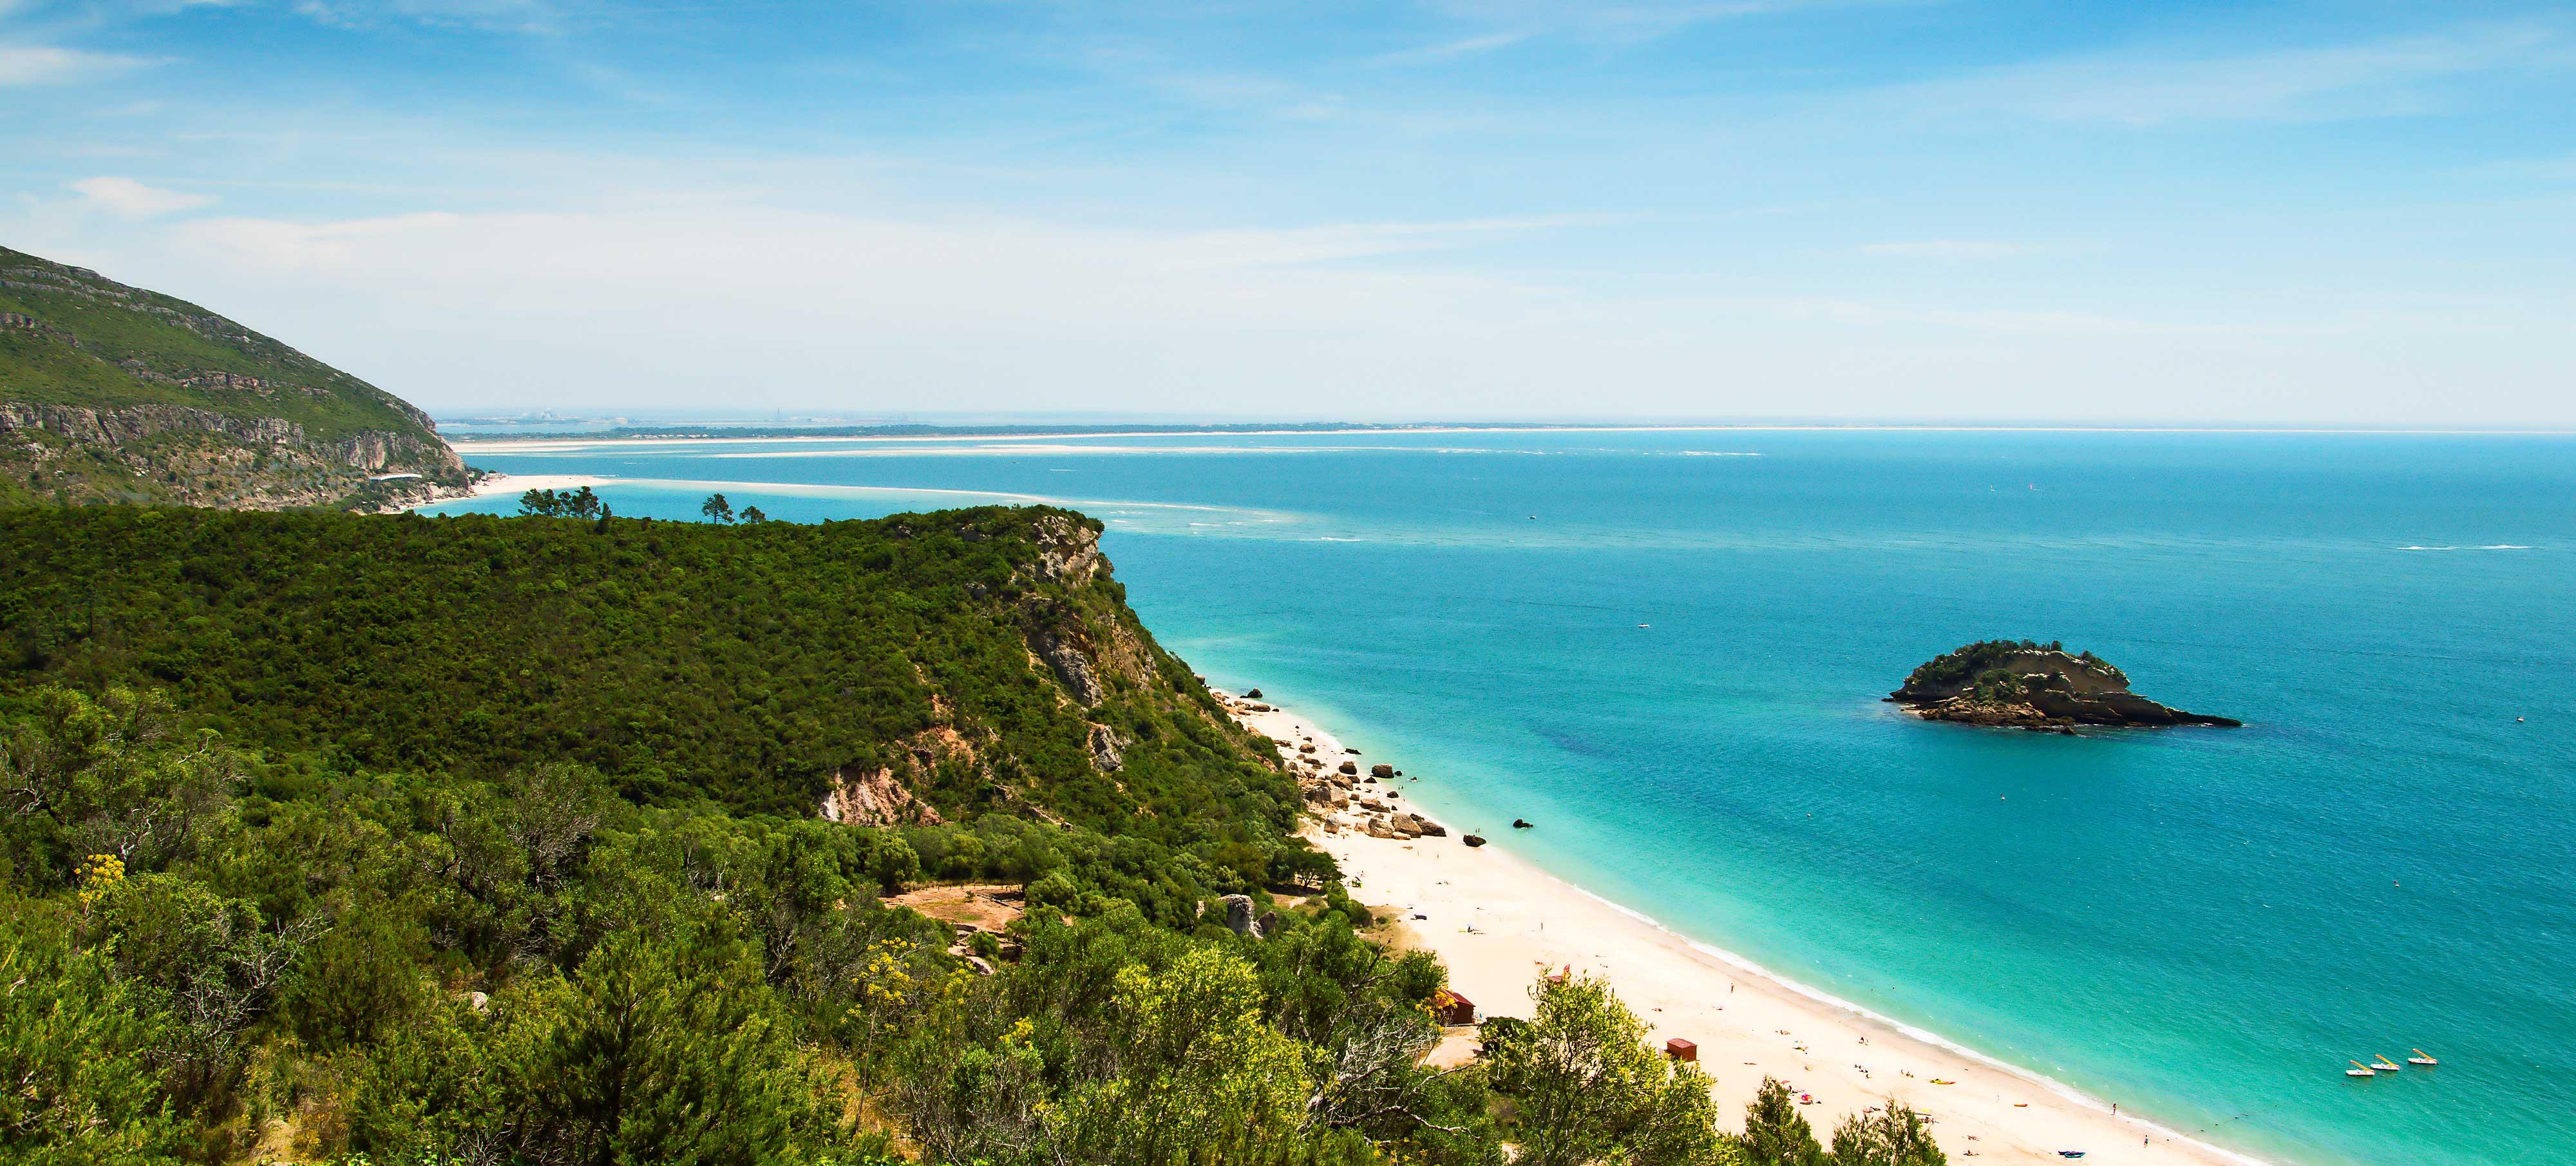 Portogallo sulla costa di caparica surf e locali vicino for Dove soggiornare a lisbona